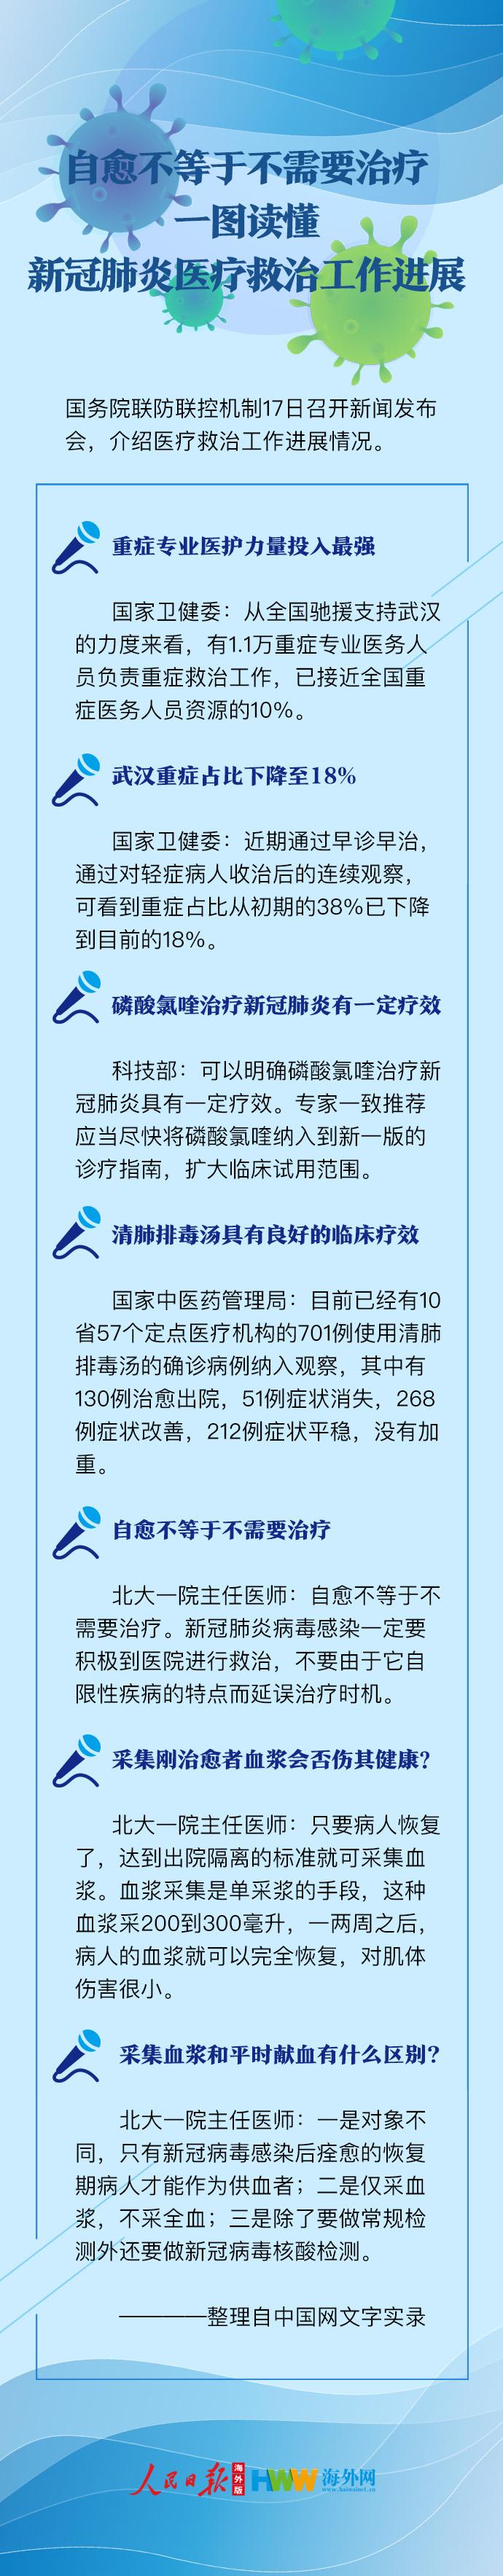 淅川县老城镇初级中学关注消防安全,创建平安校园